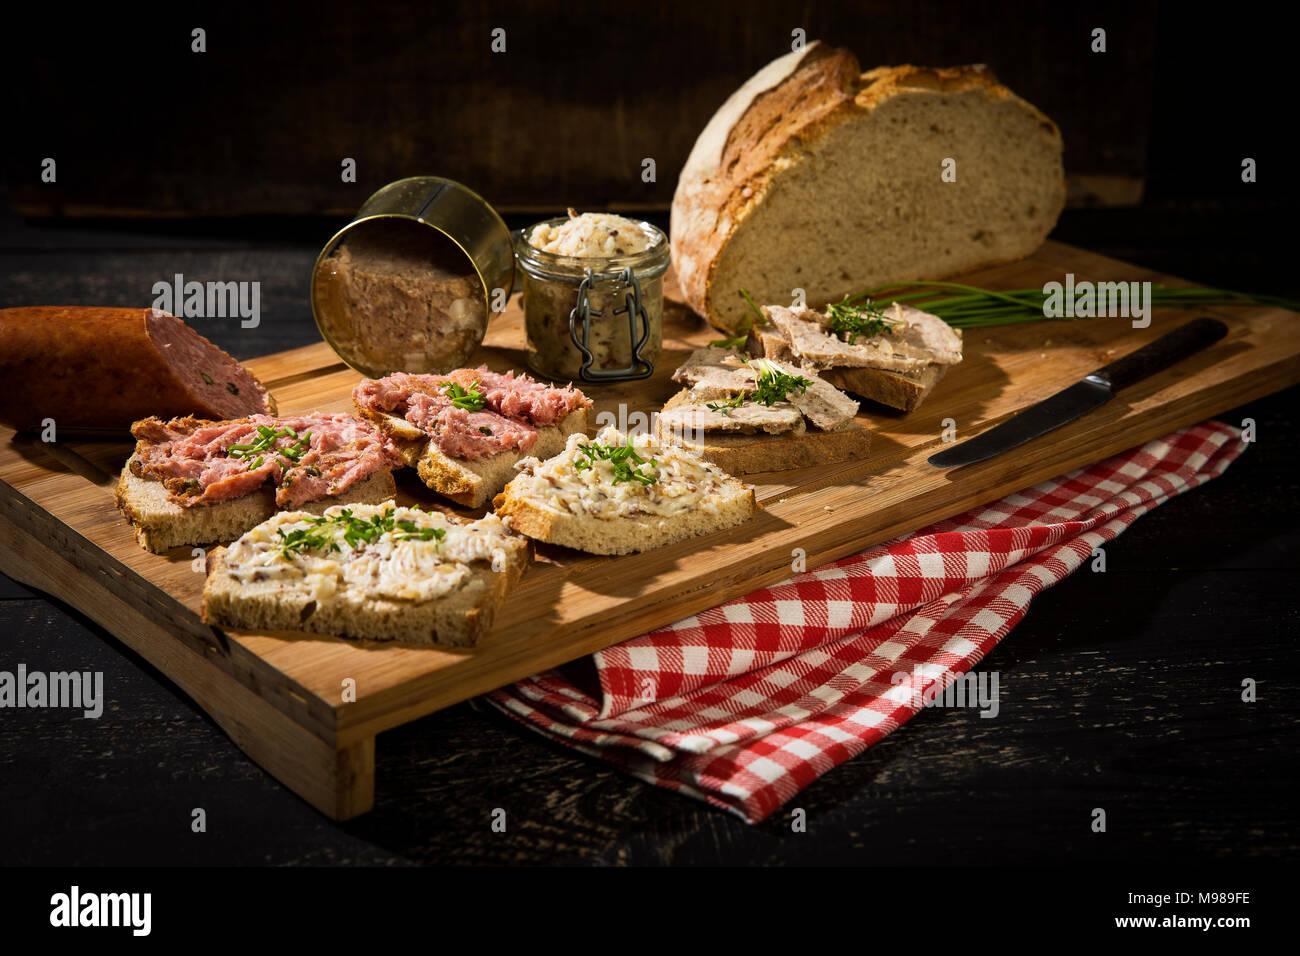 Crostini di pane, crepitio grasso, salsiccia di fegato tritato e salsicce di maiale Immagini Stock